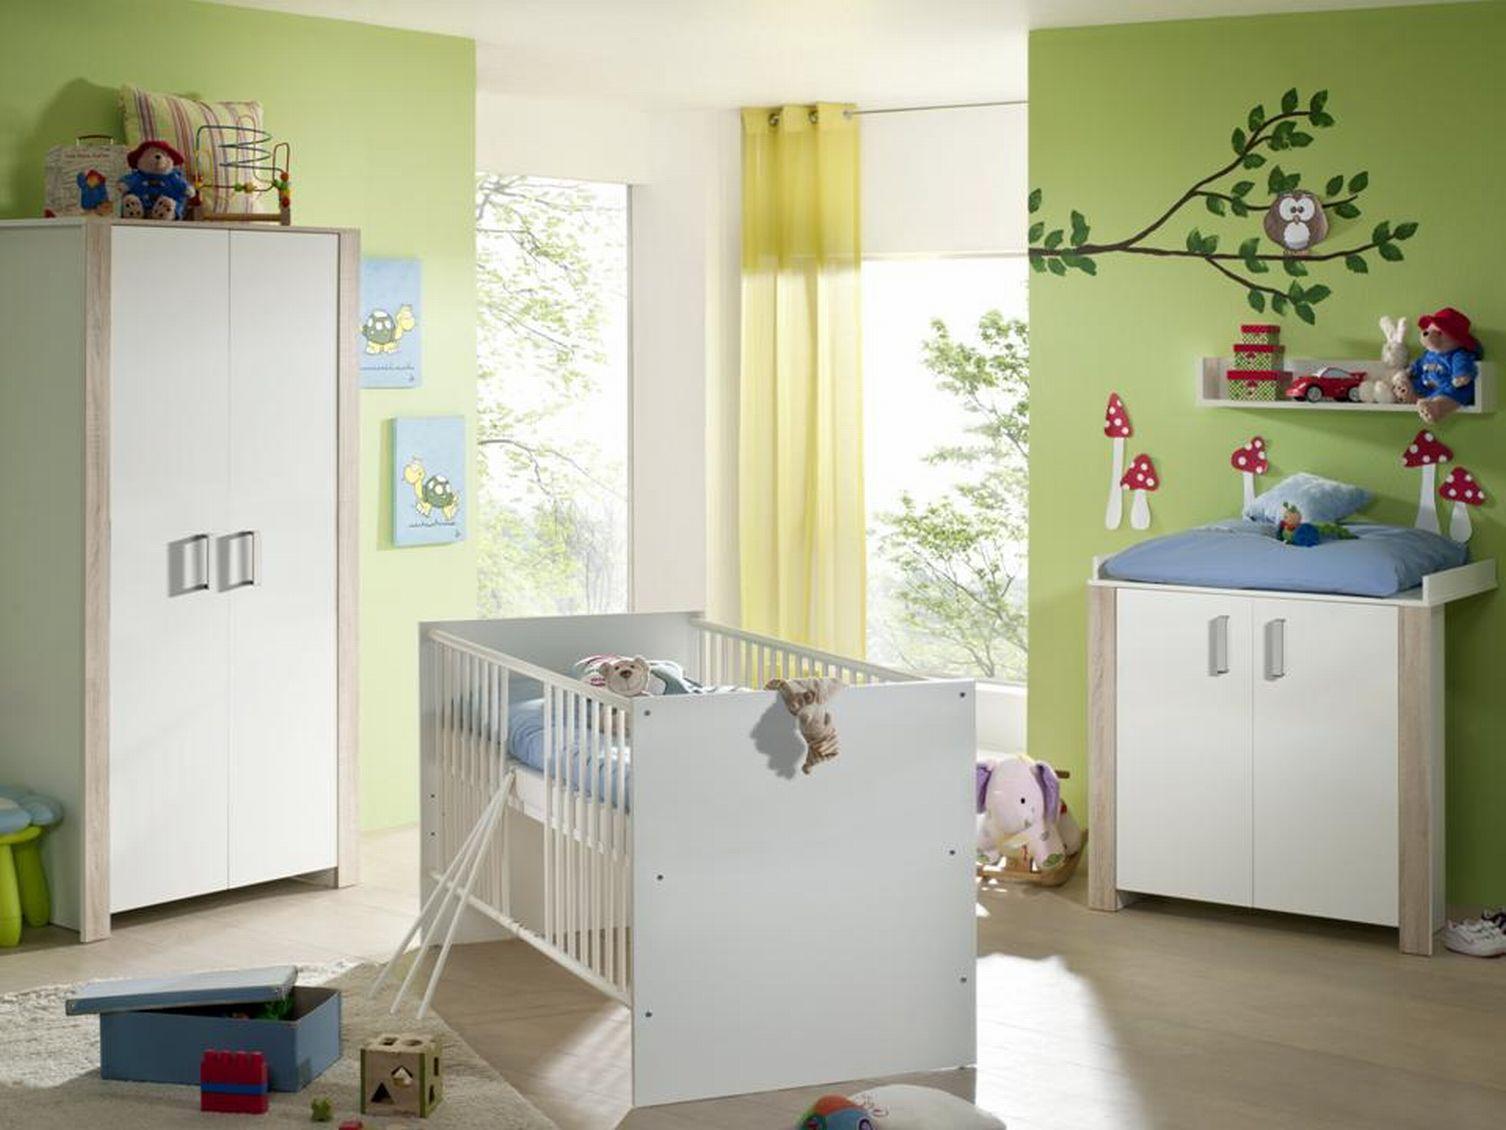 baby babyzimmer komplett neu ausstattung babybett kinderzimmer babym bel set ebay. Black Bedroom Furniture Sets. Home Design Ideas